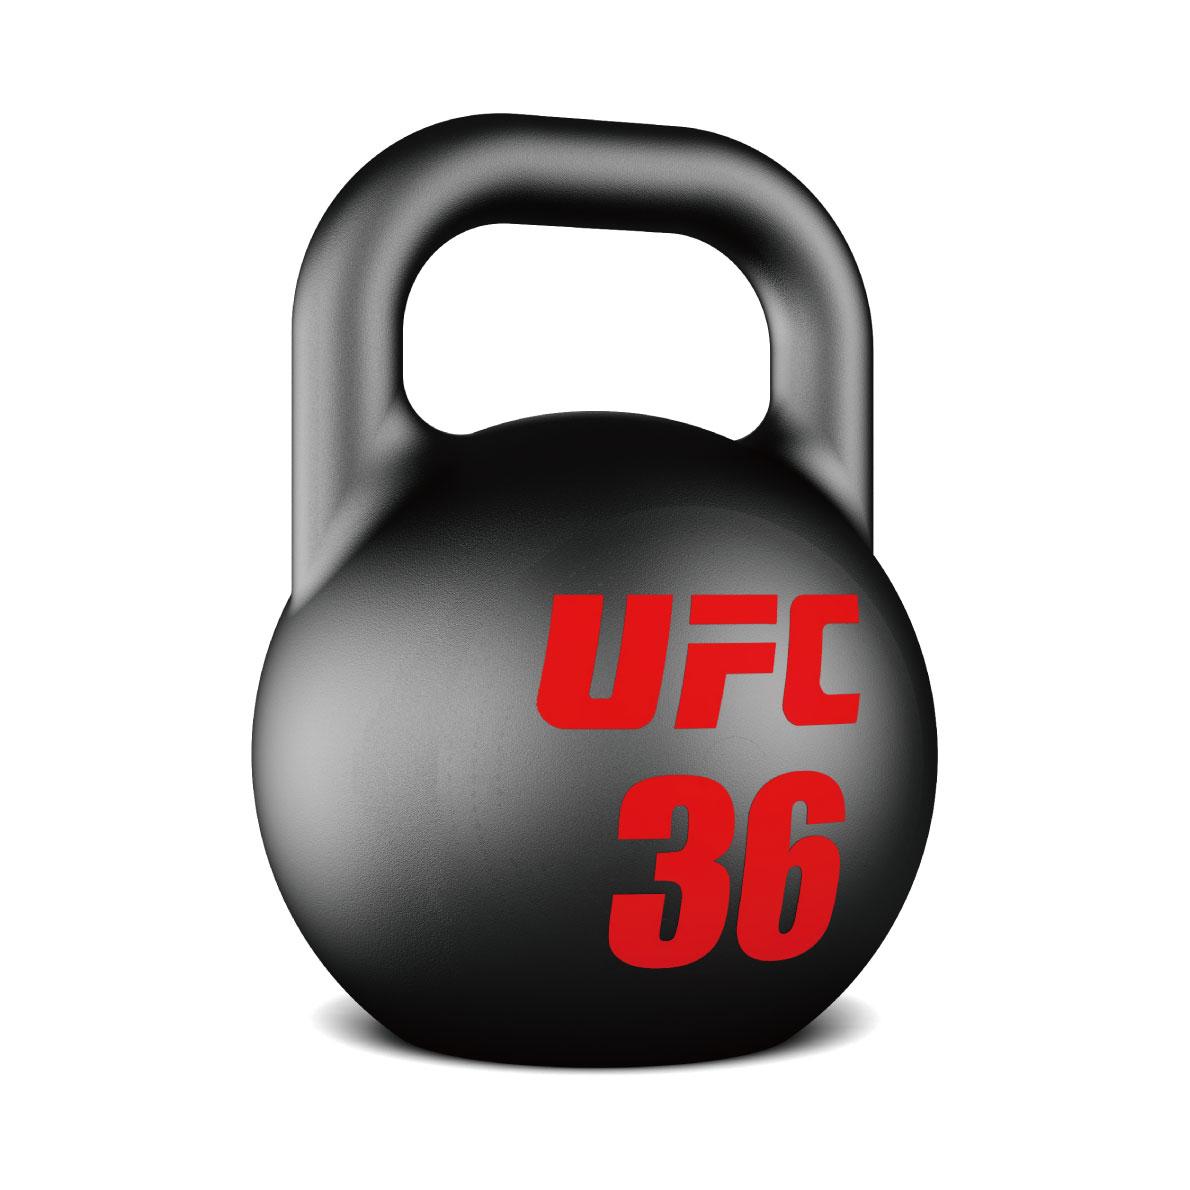 ウレタンケトルベル/ダンベルの10個セット(8kg-36kg)〈業務用〉《総合格闘技UFCオフィシャル》